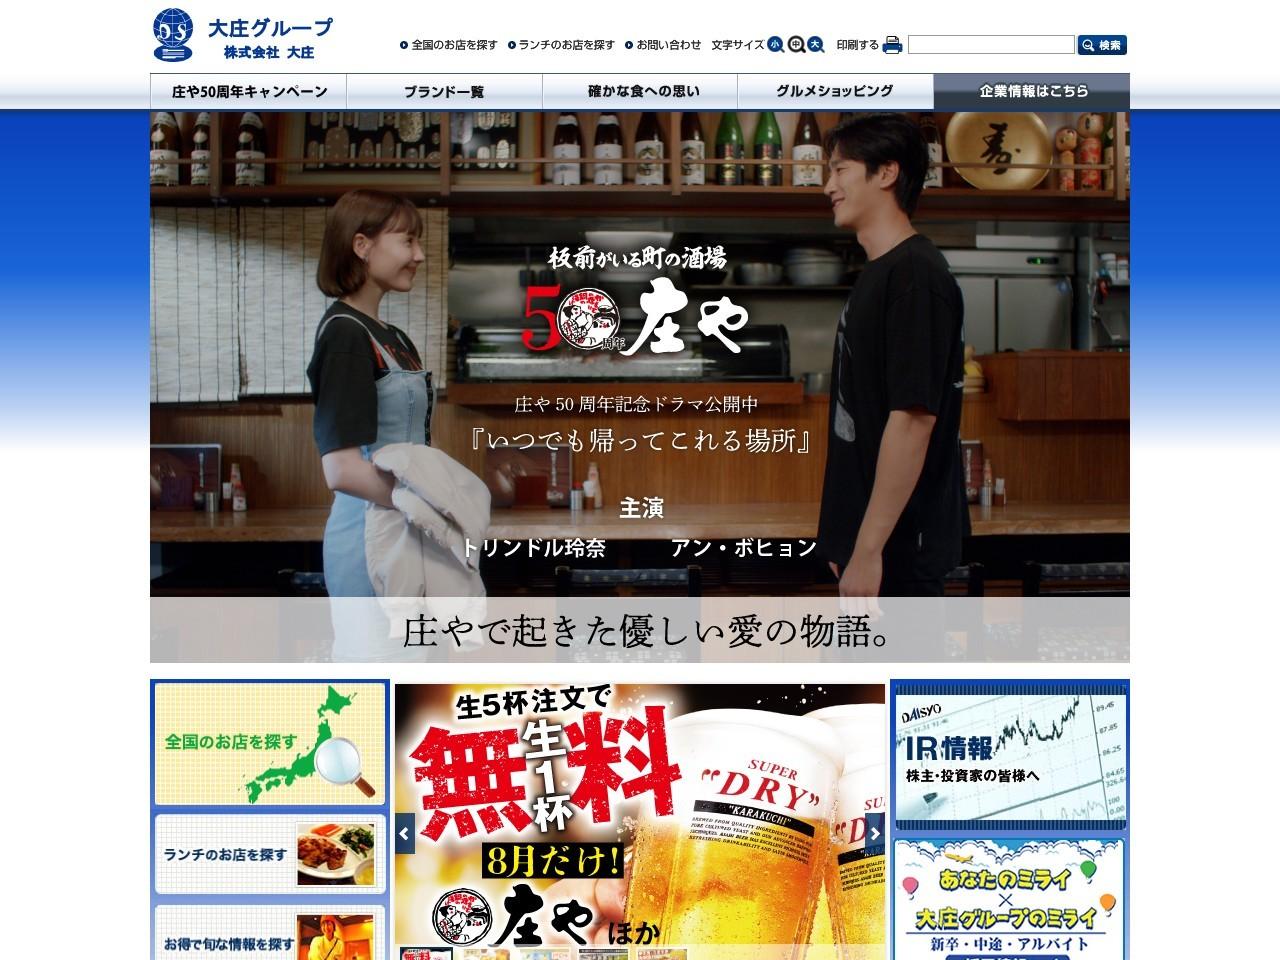 ちゃぽん/八重洲店